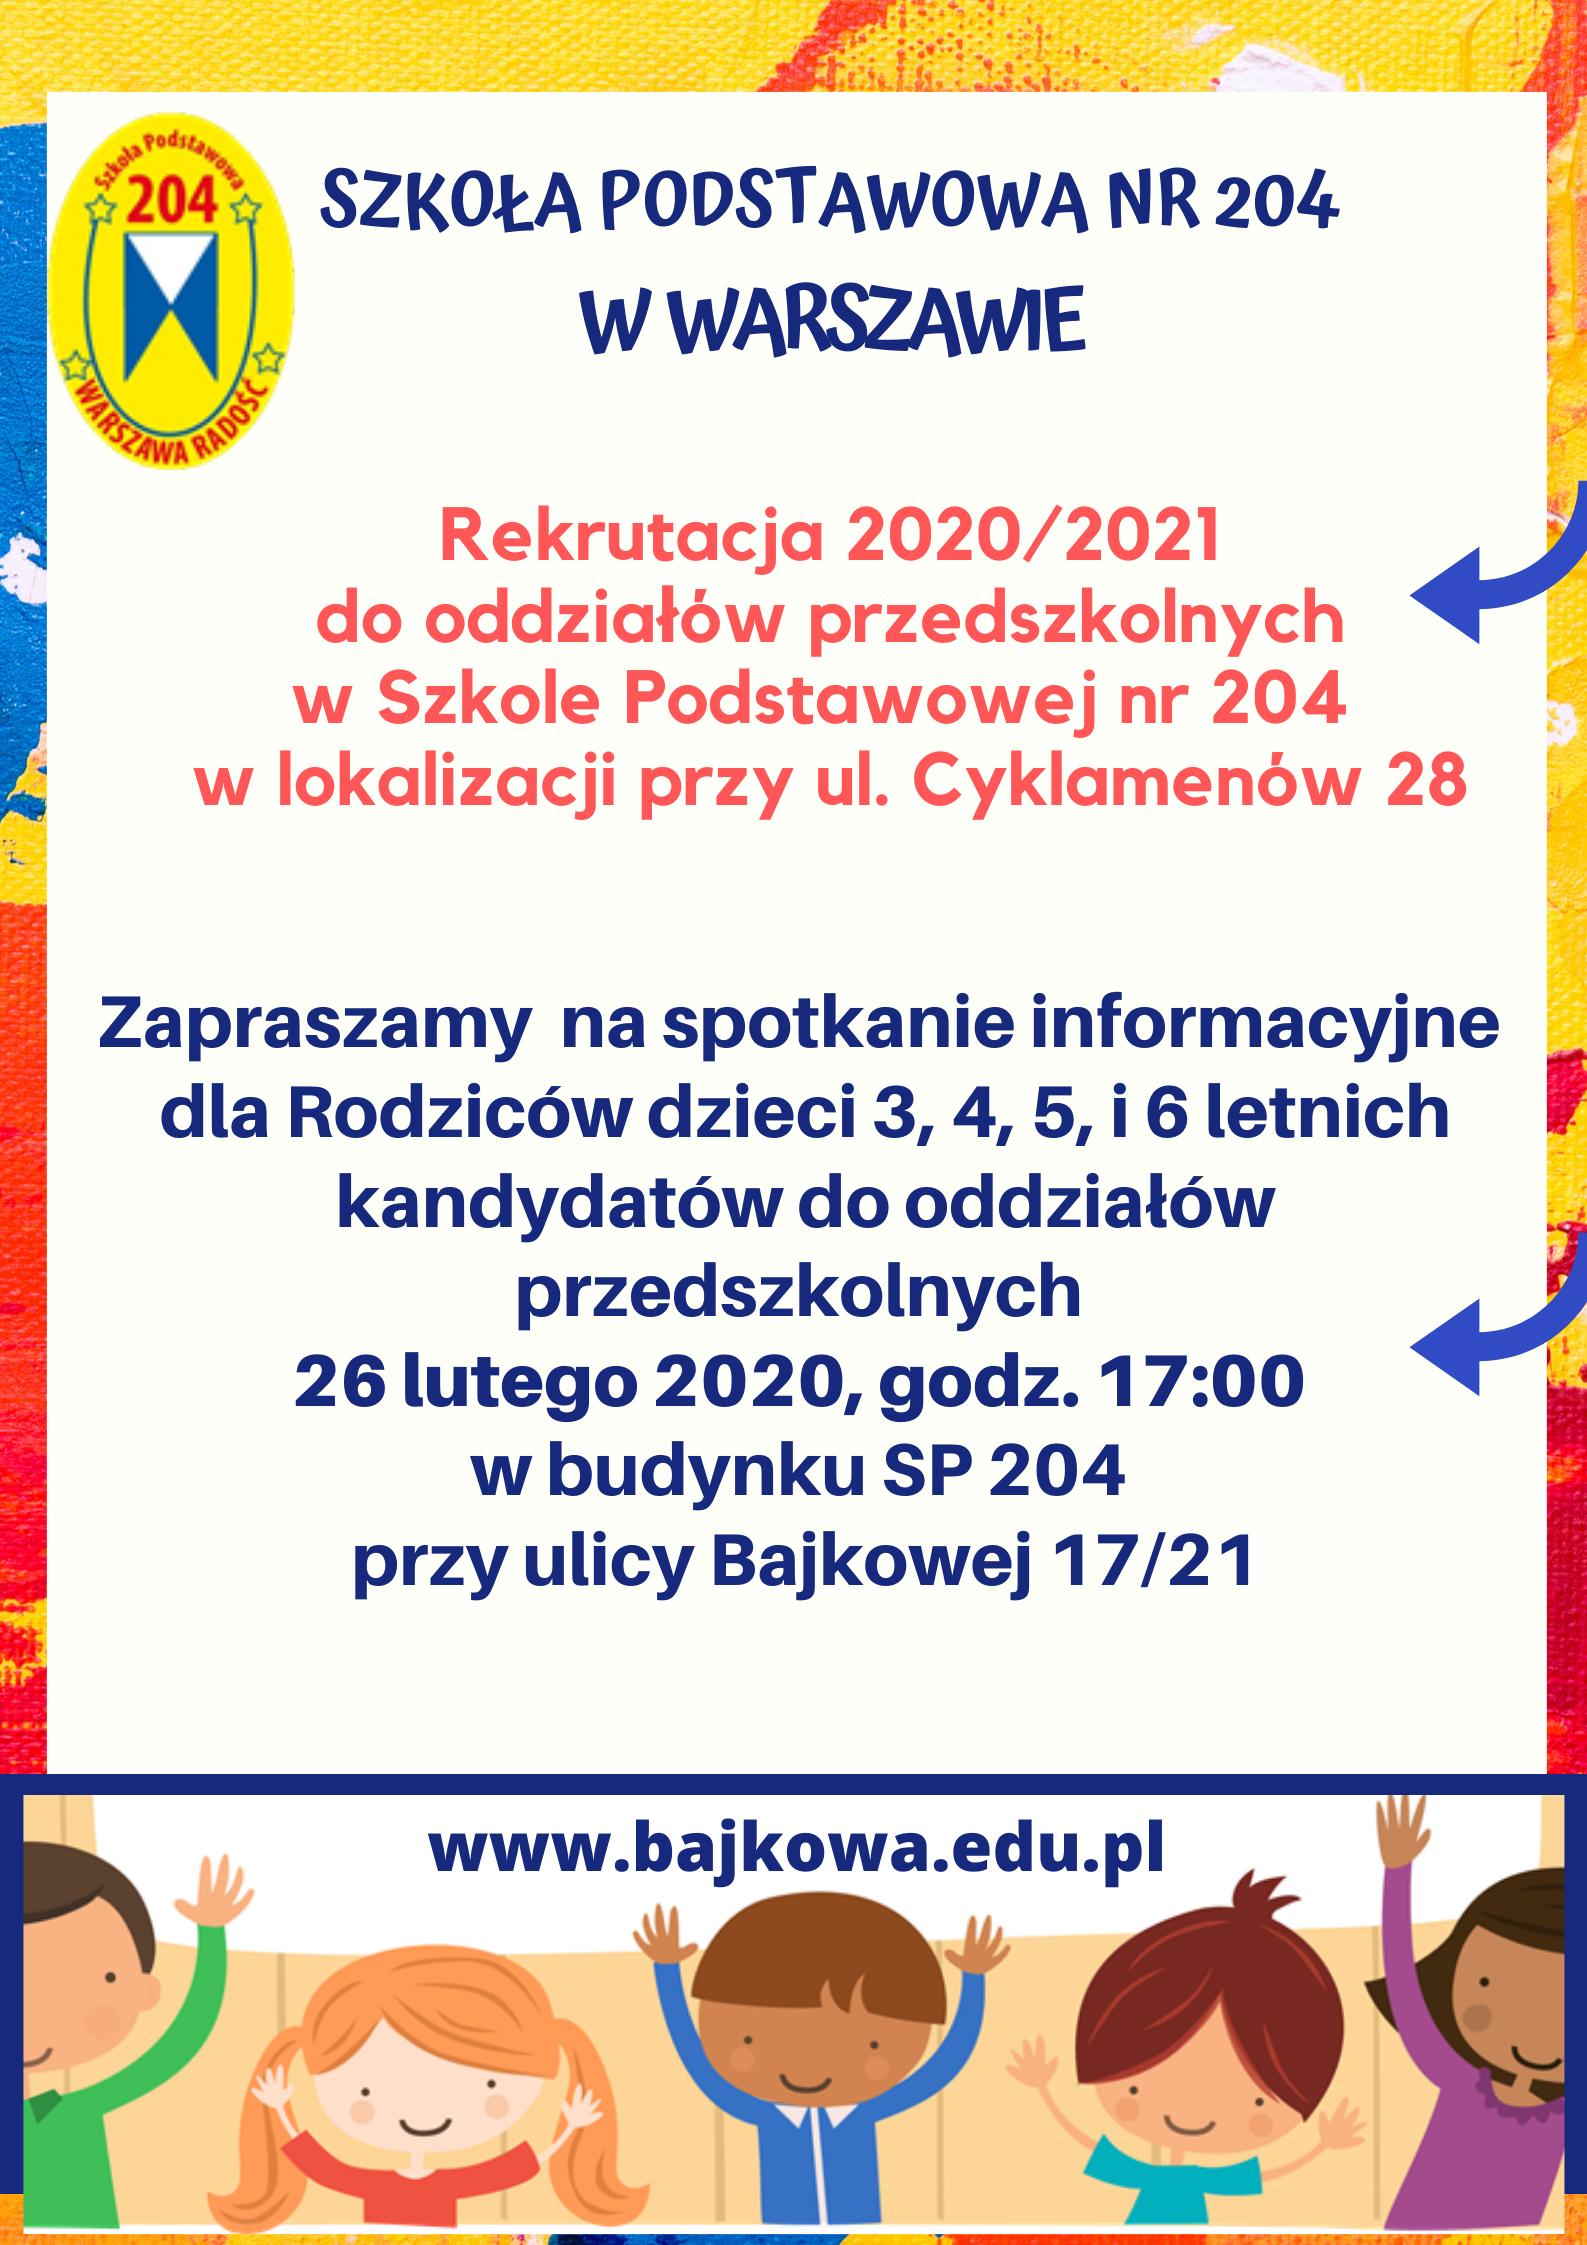 Oddziały przedszkolne w II lokalizacji przy ul. Cyklamenów 28